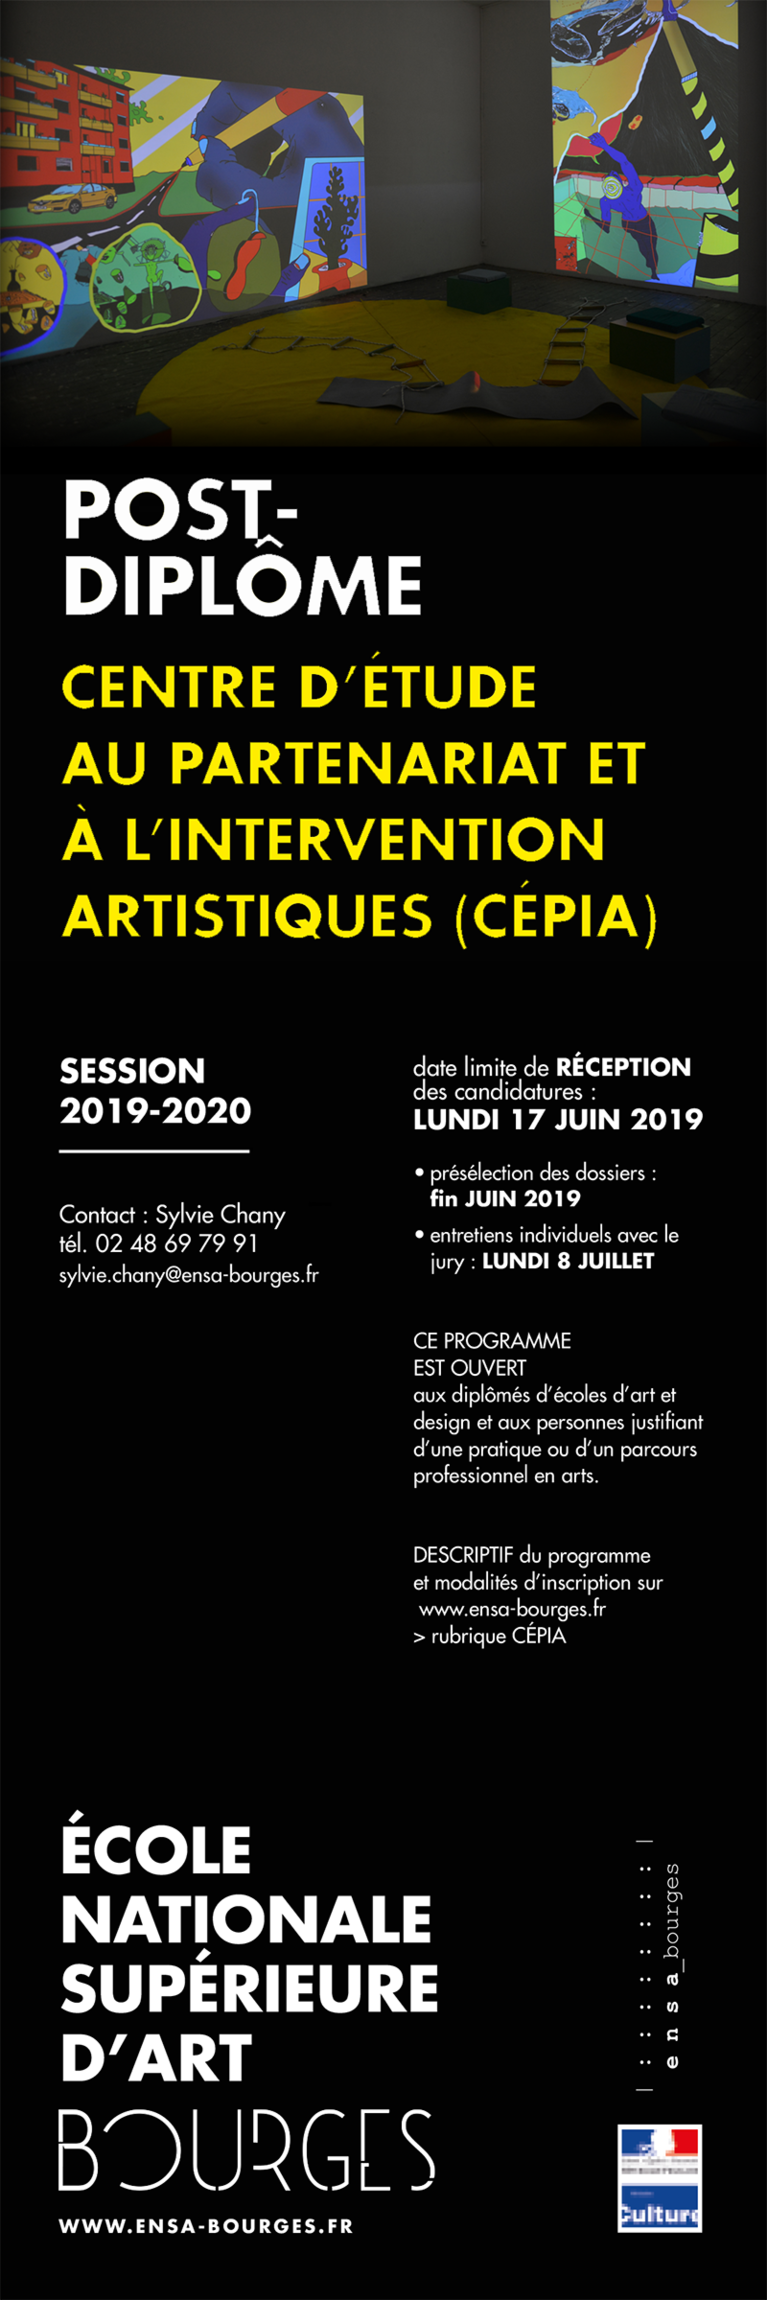 Galerie D Art Bourges École nationale supérieure d'art de bourges | cnap